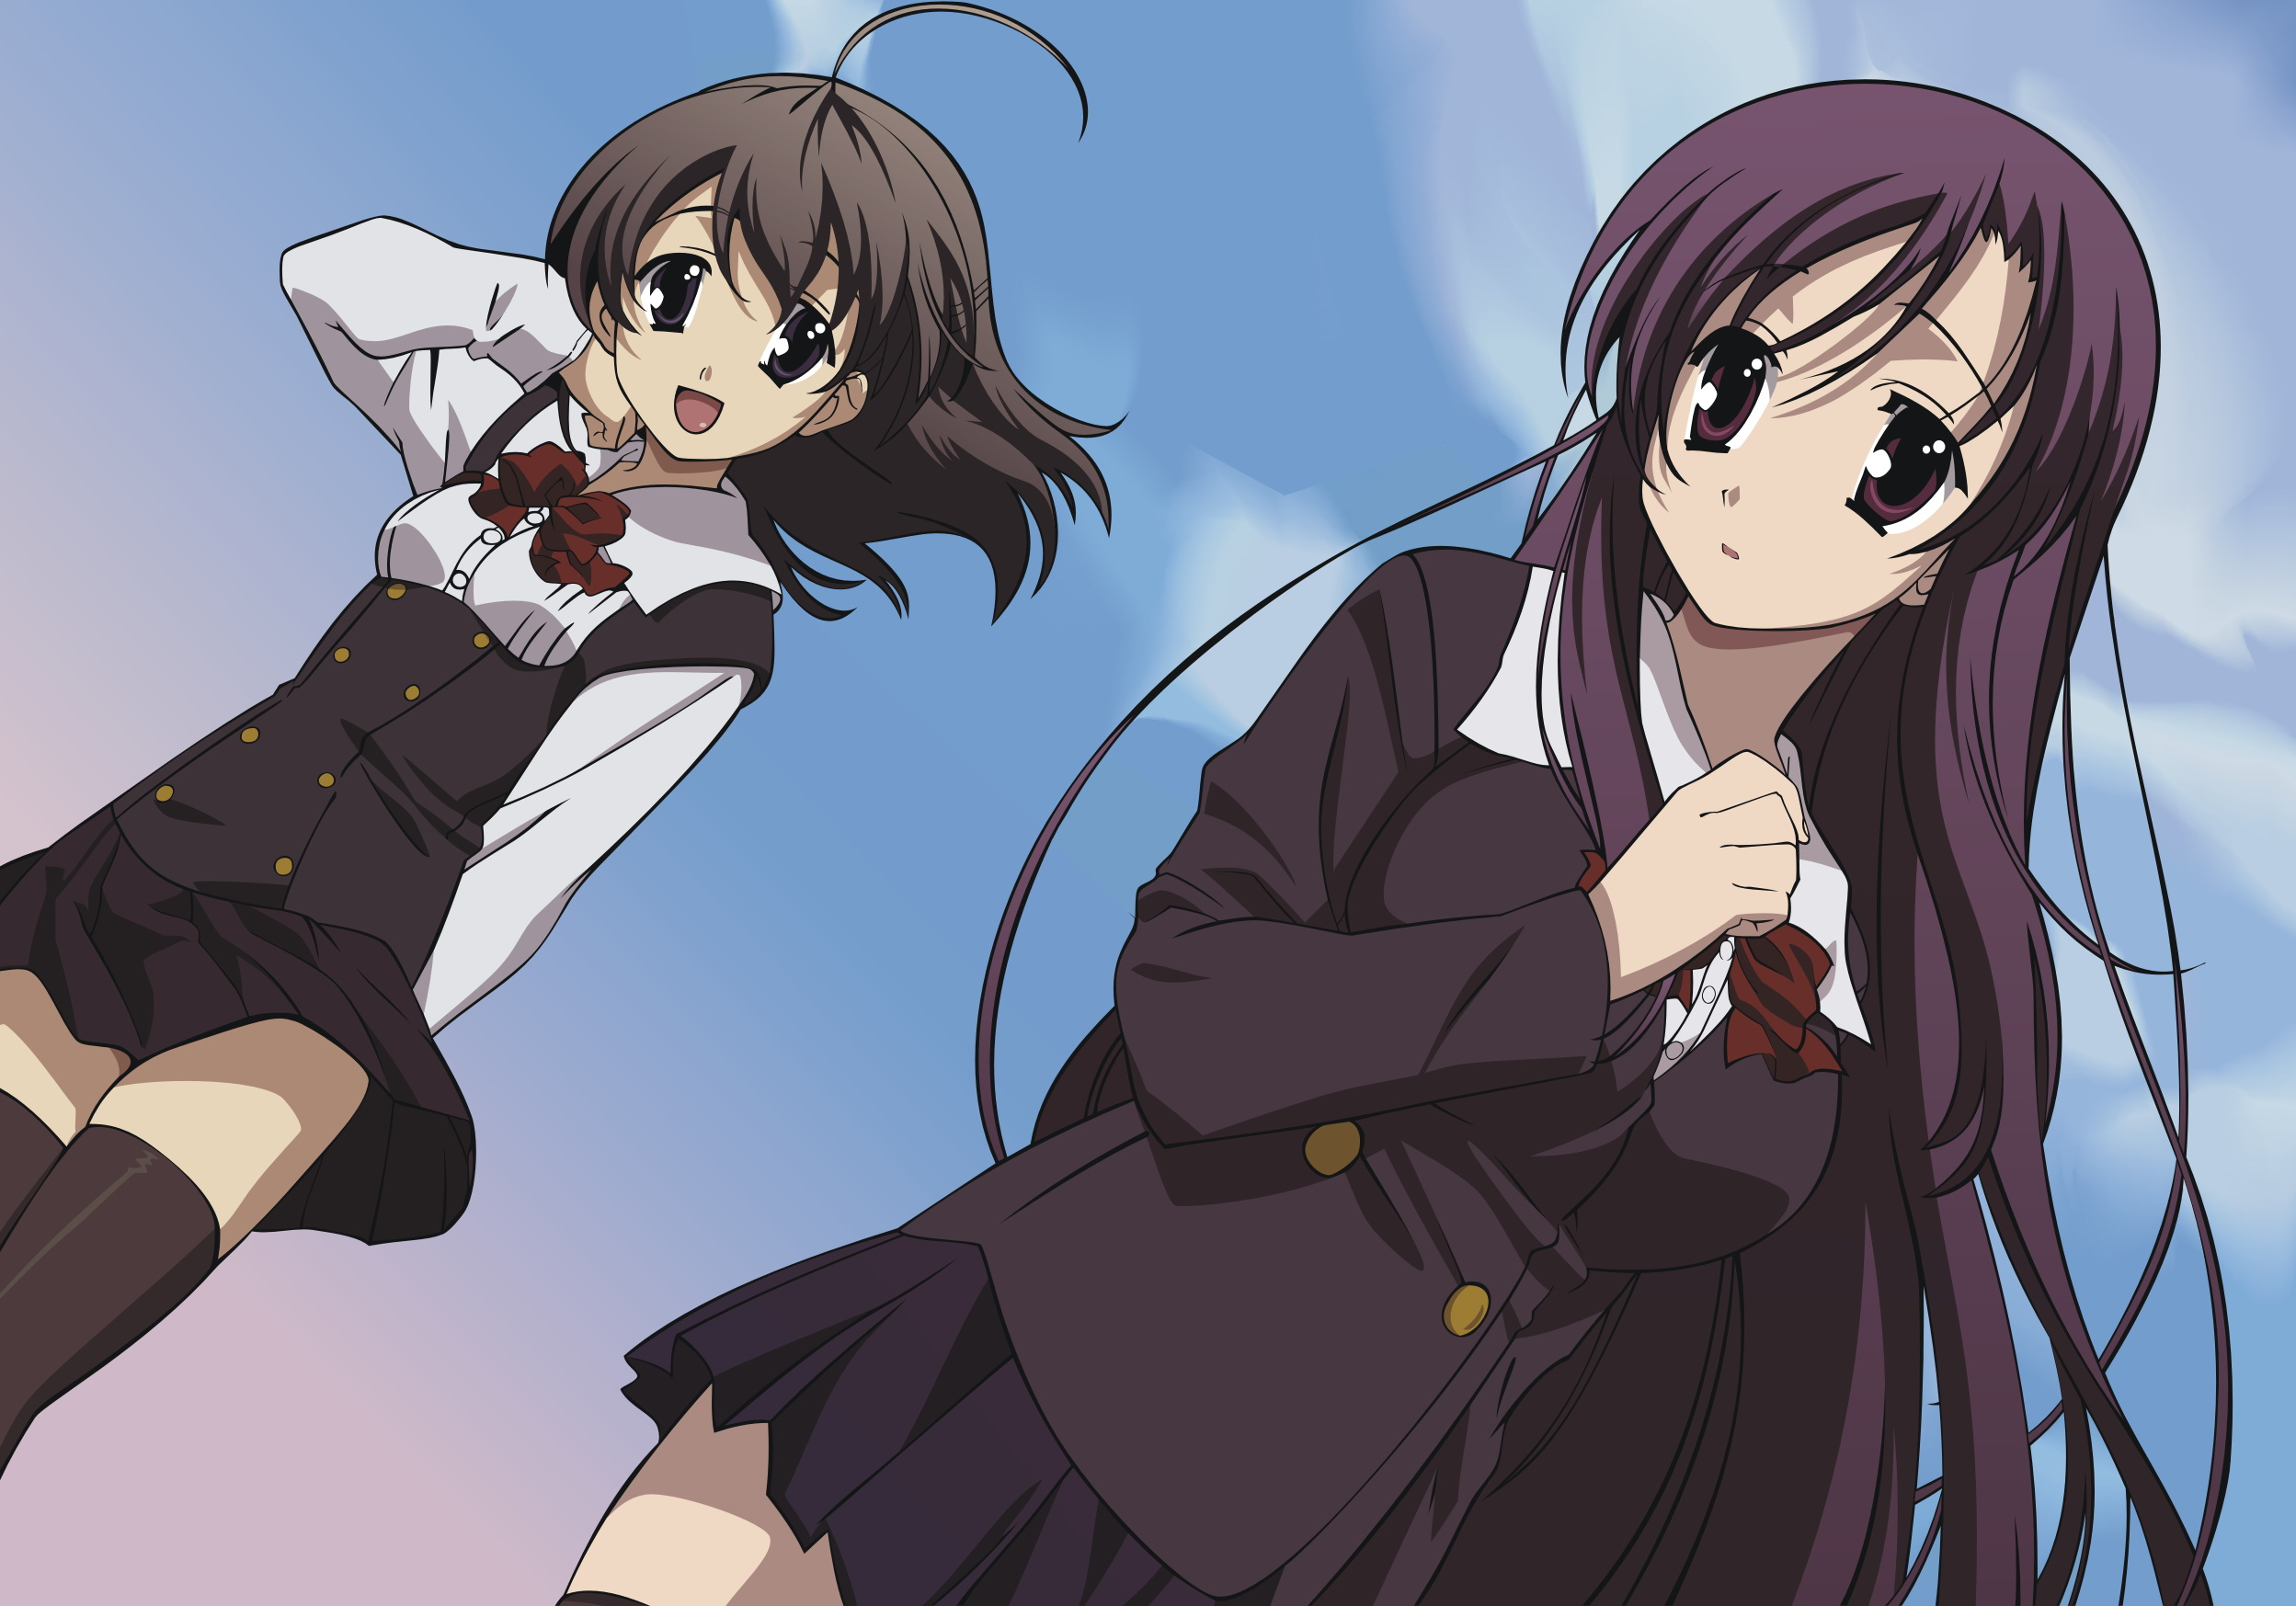 картинки аниме школьные дни: